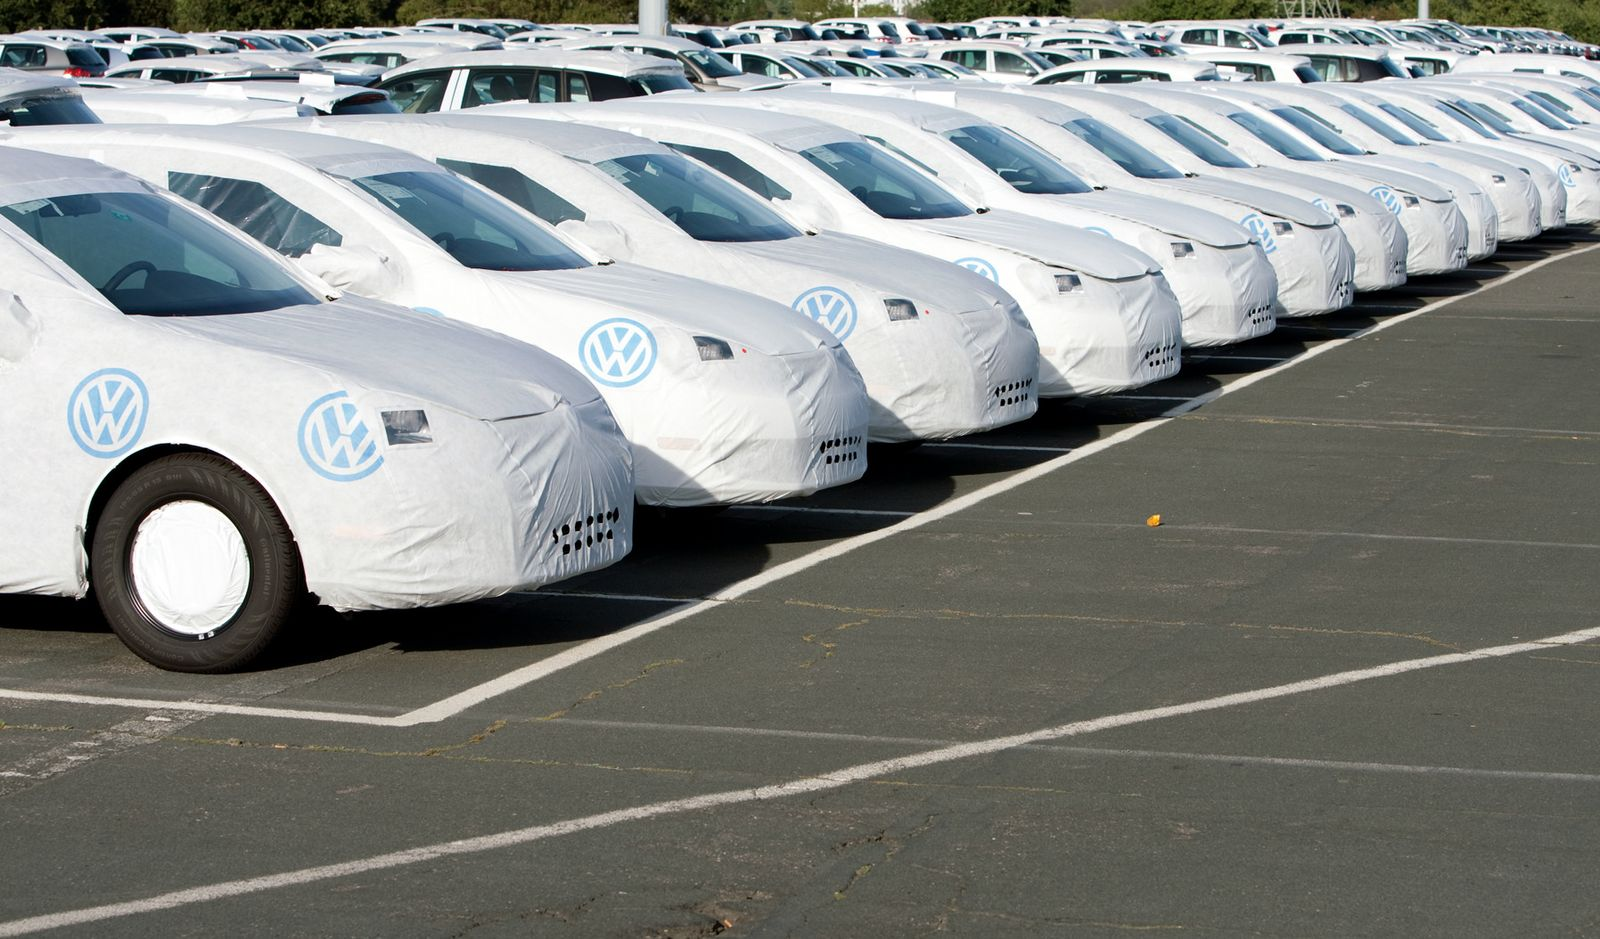 für mmO-Themenseite VW: Volkswagenwerk Wolfsburg / VW / Autostadt / Autos